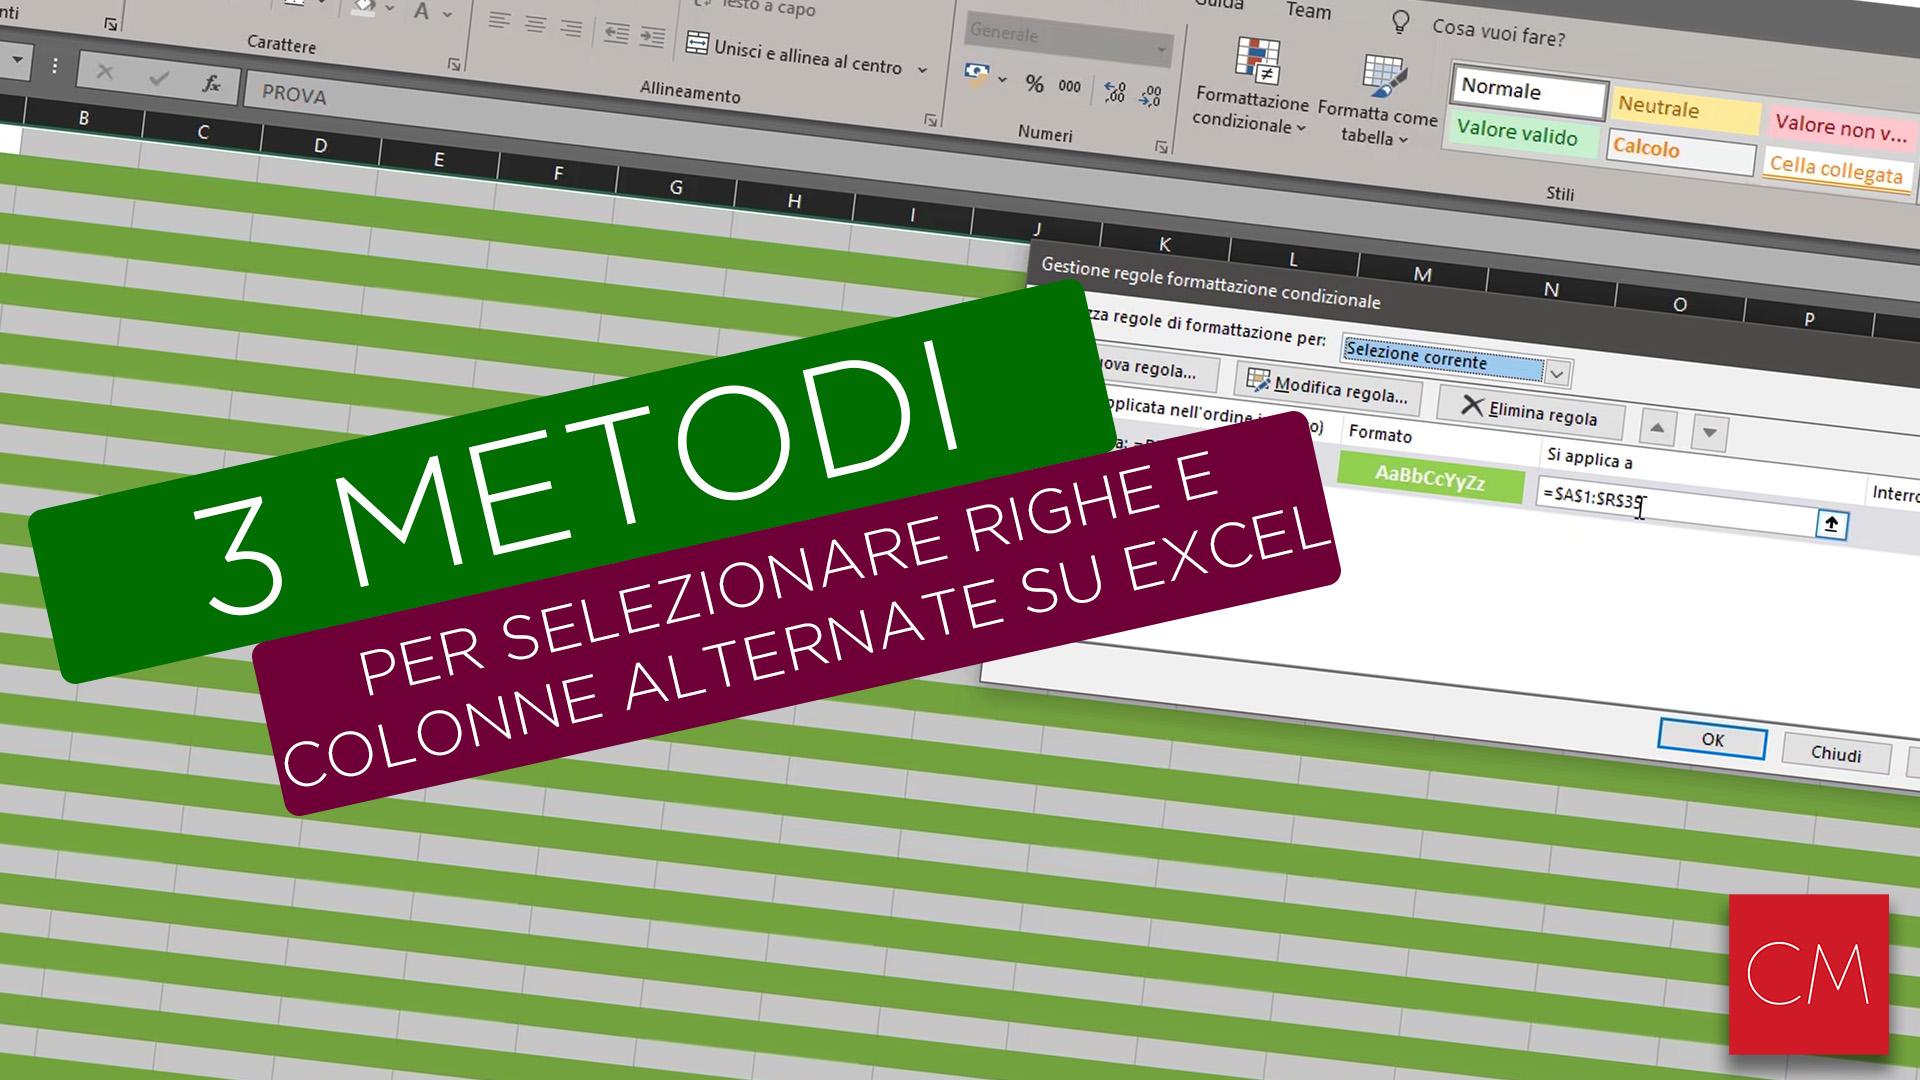 3 Metodi per selezionare righe e colonne alternate su Excel